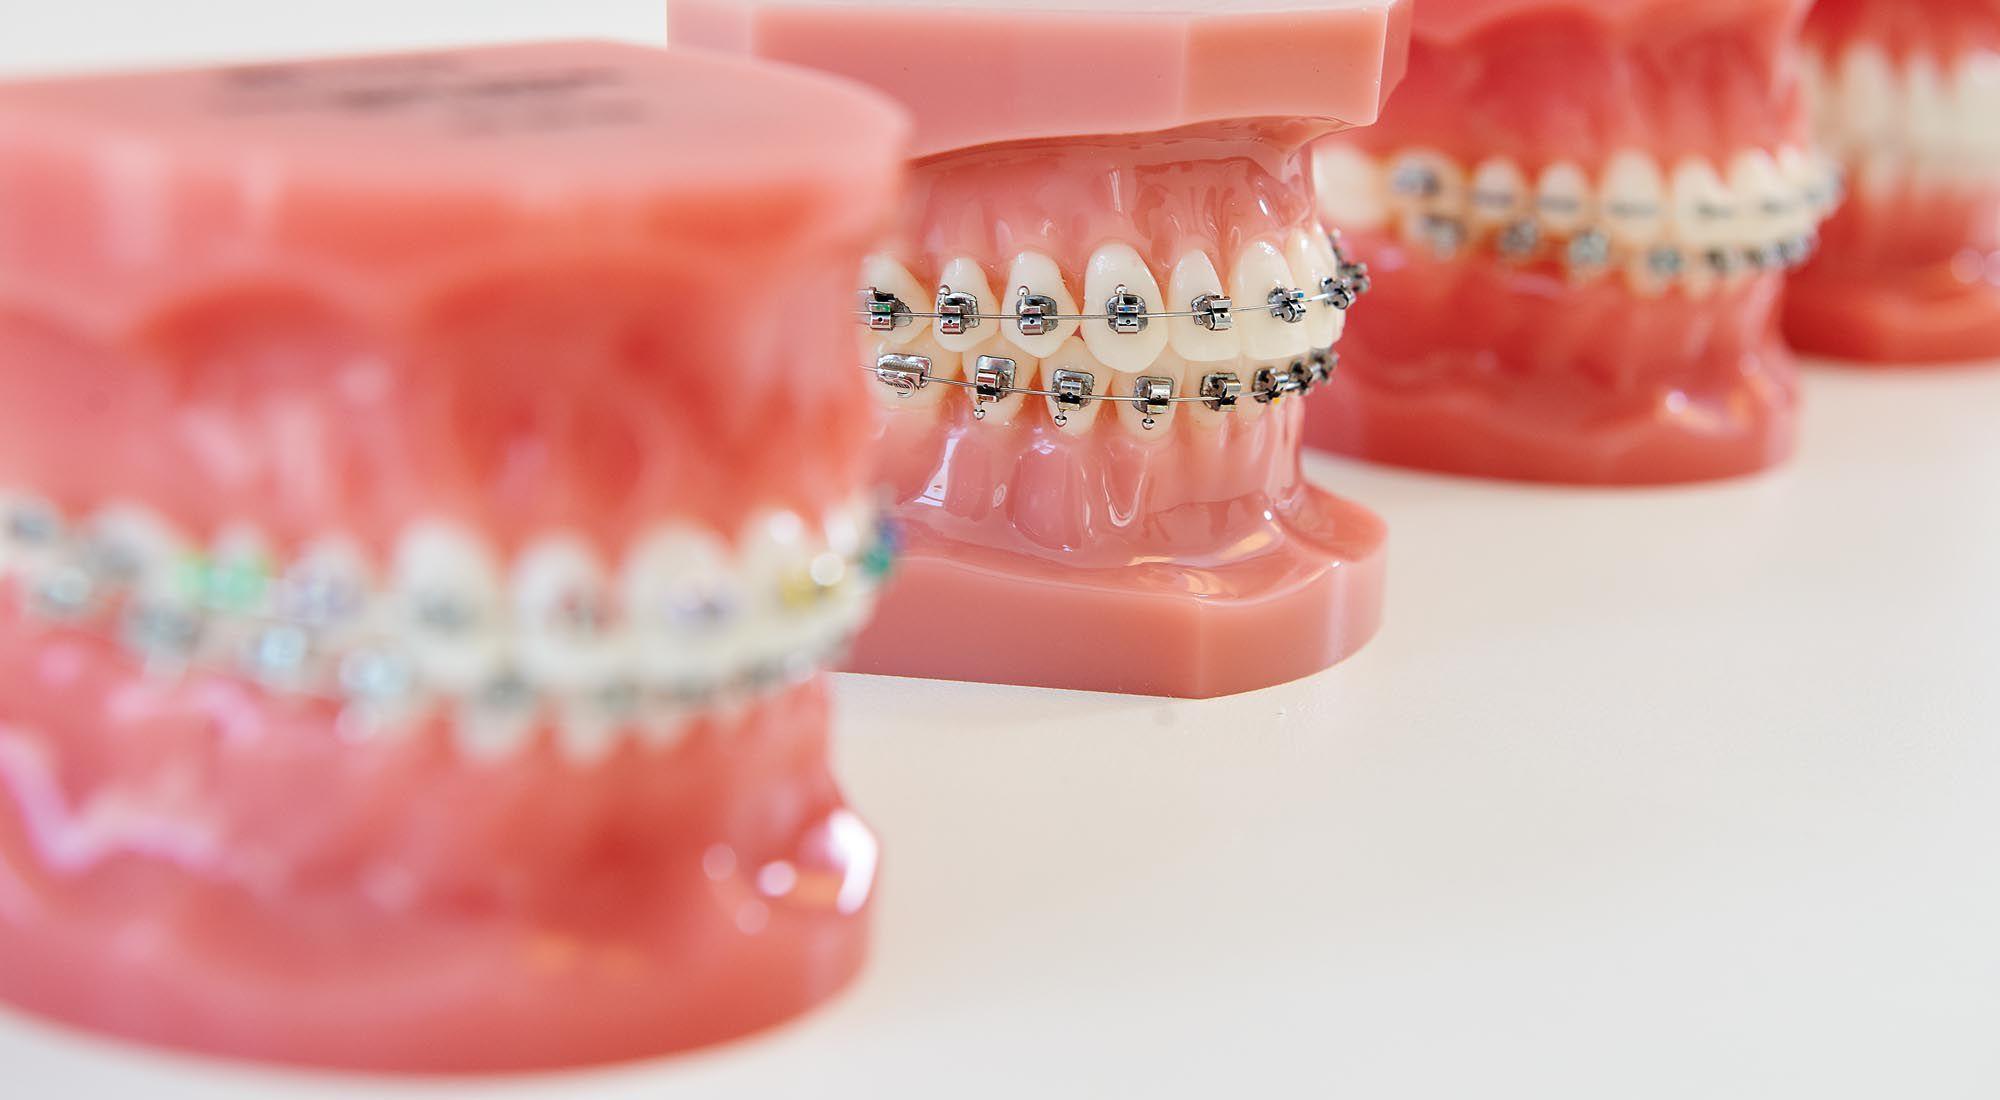 Zahnspange außenbogen Die lose